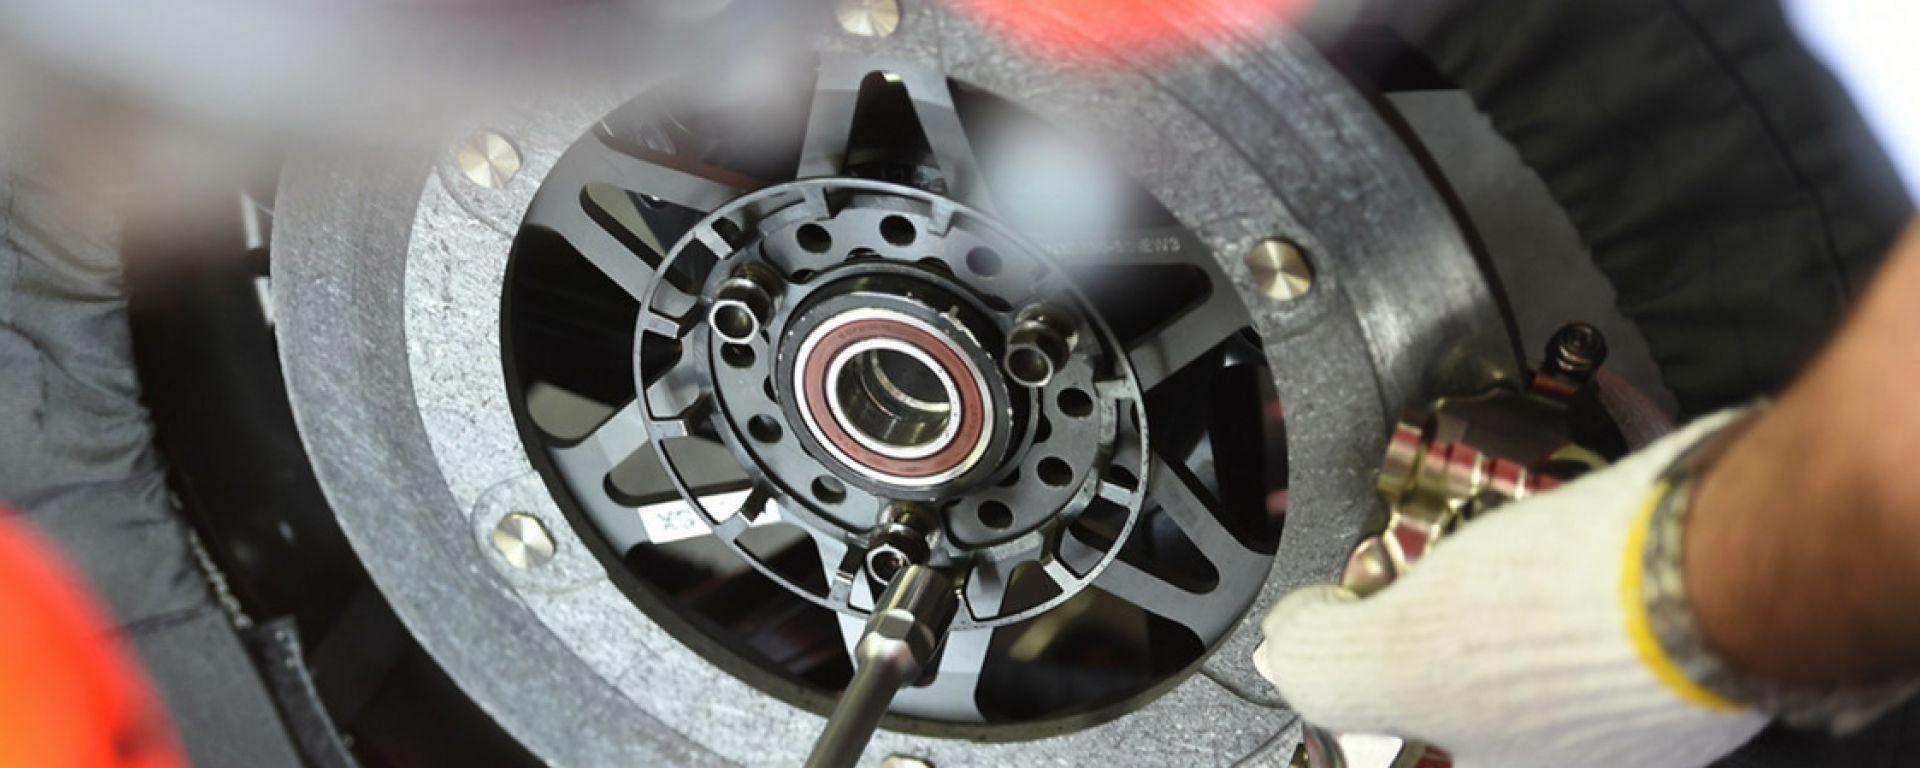 Freni a disco in carbonio della MotoGP